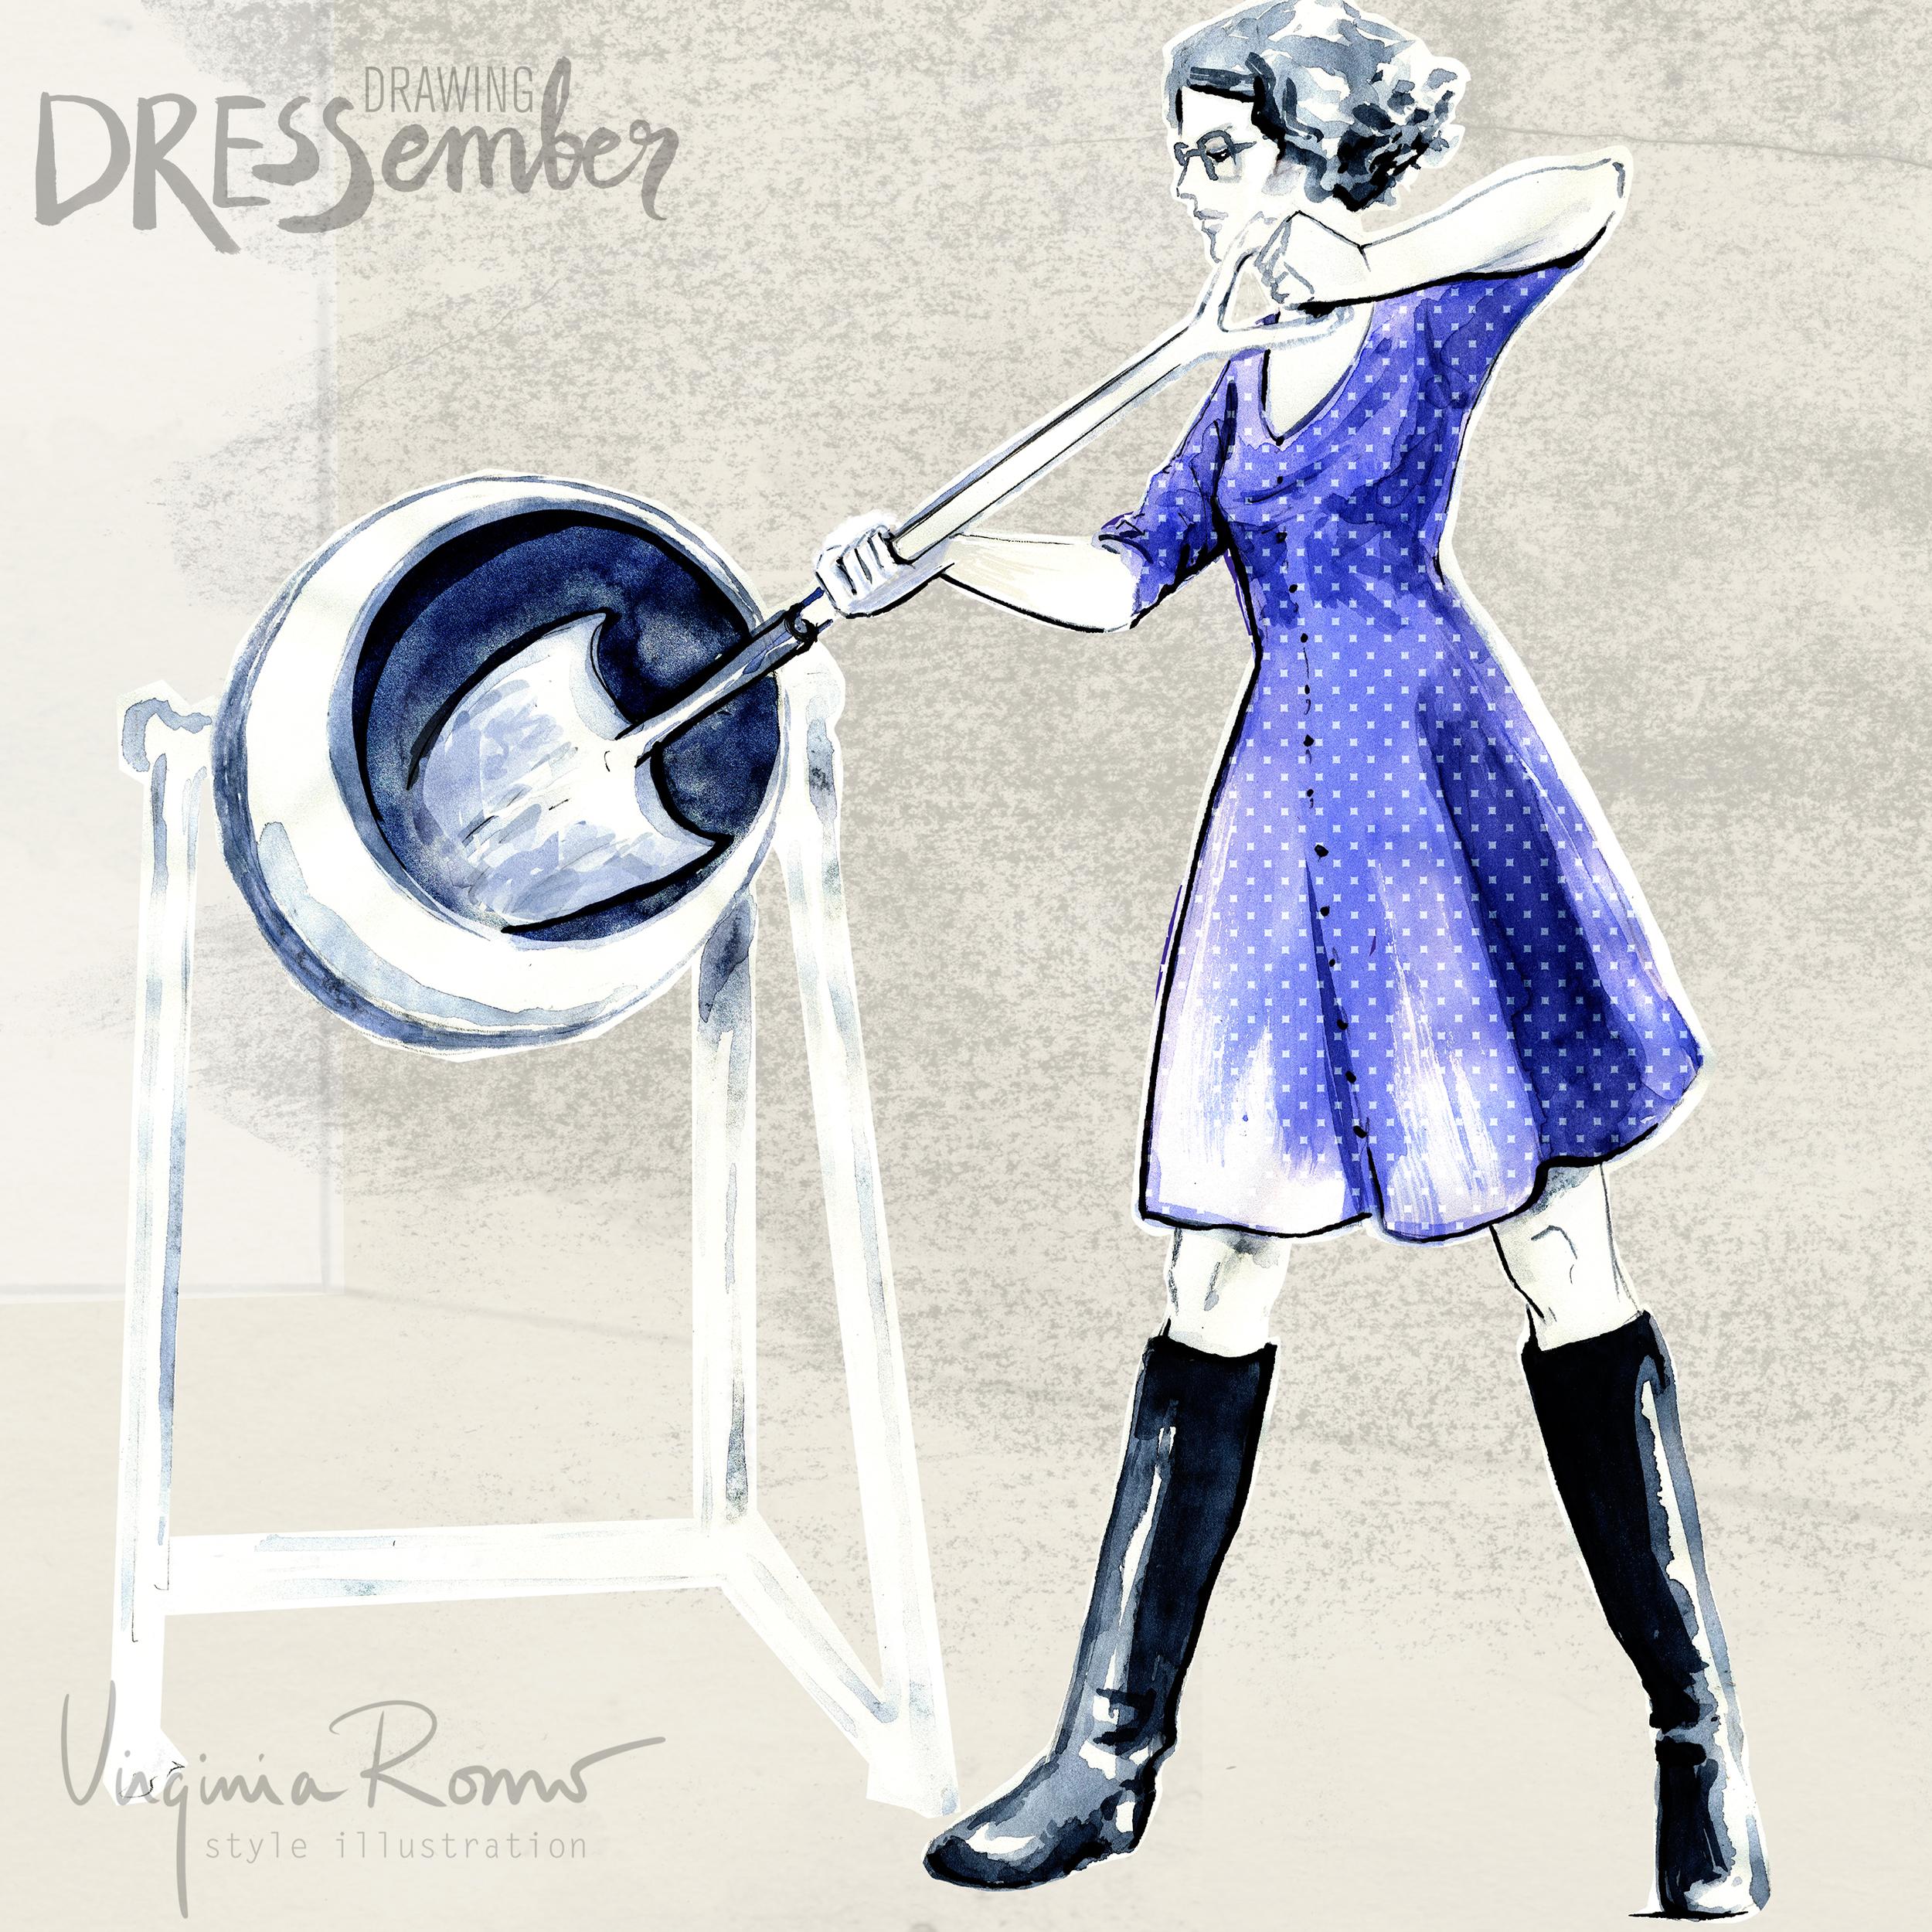 dressember-VirginiaRomoIllustration-10-Kristin-IG.jpg